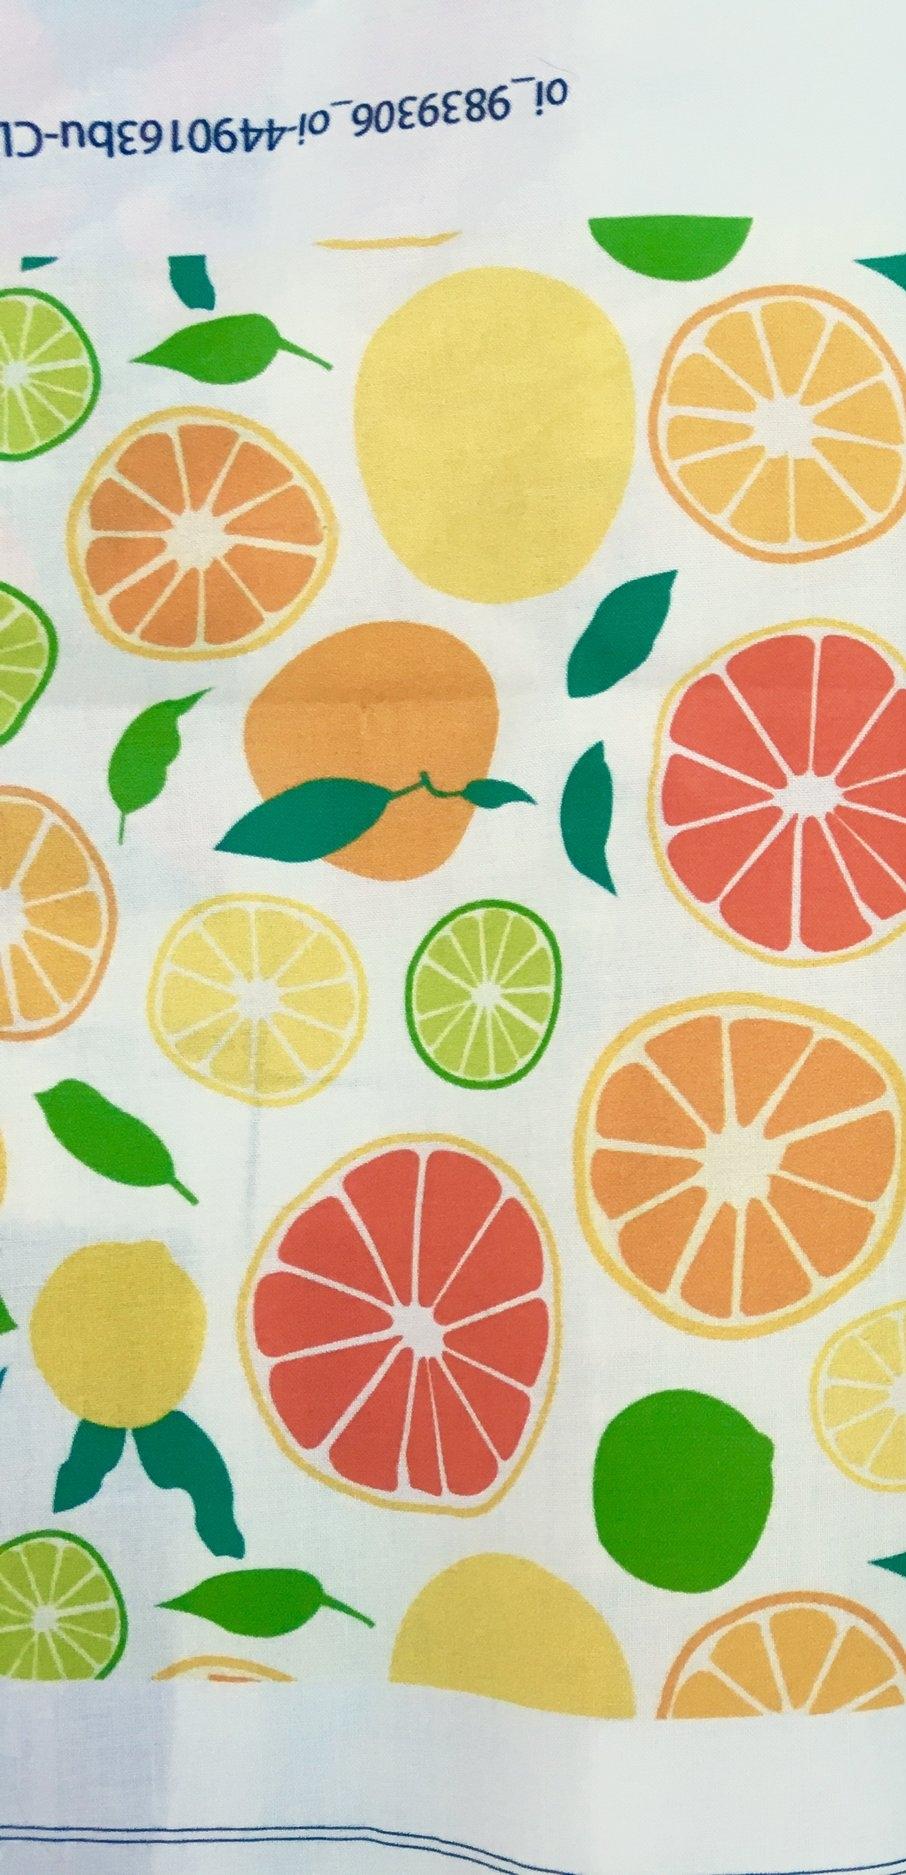 tiki-textile-swatches.jpg